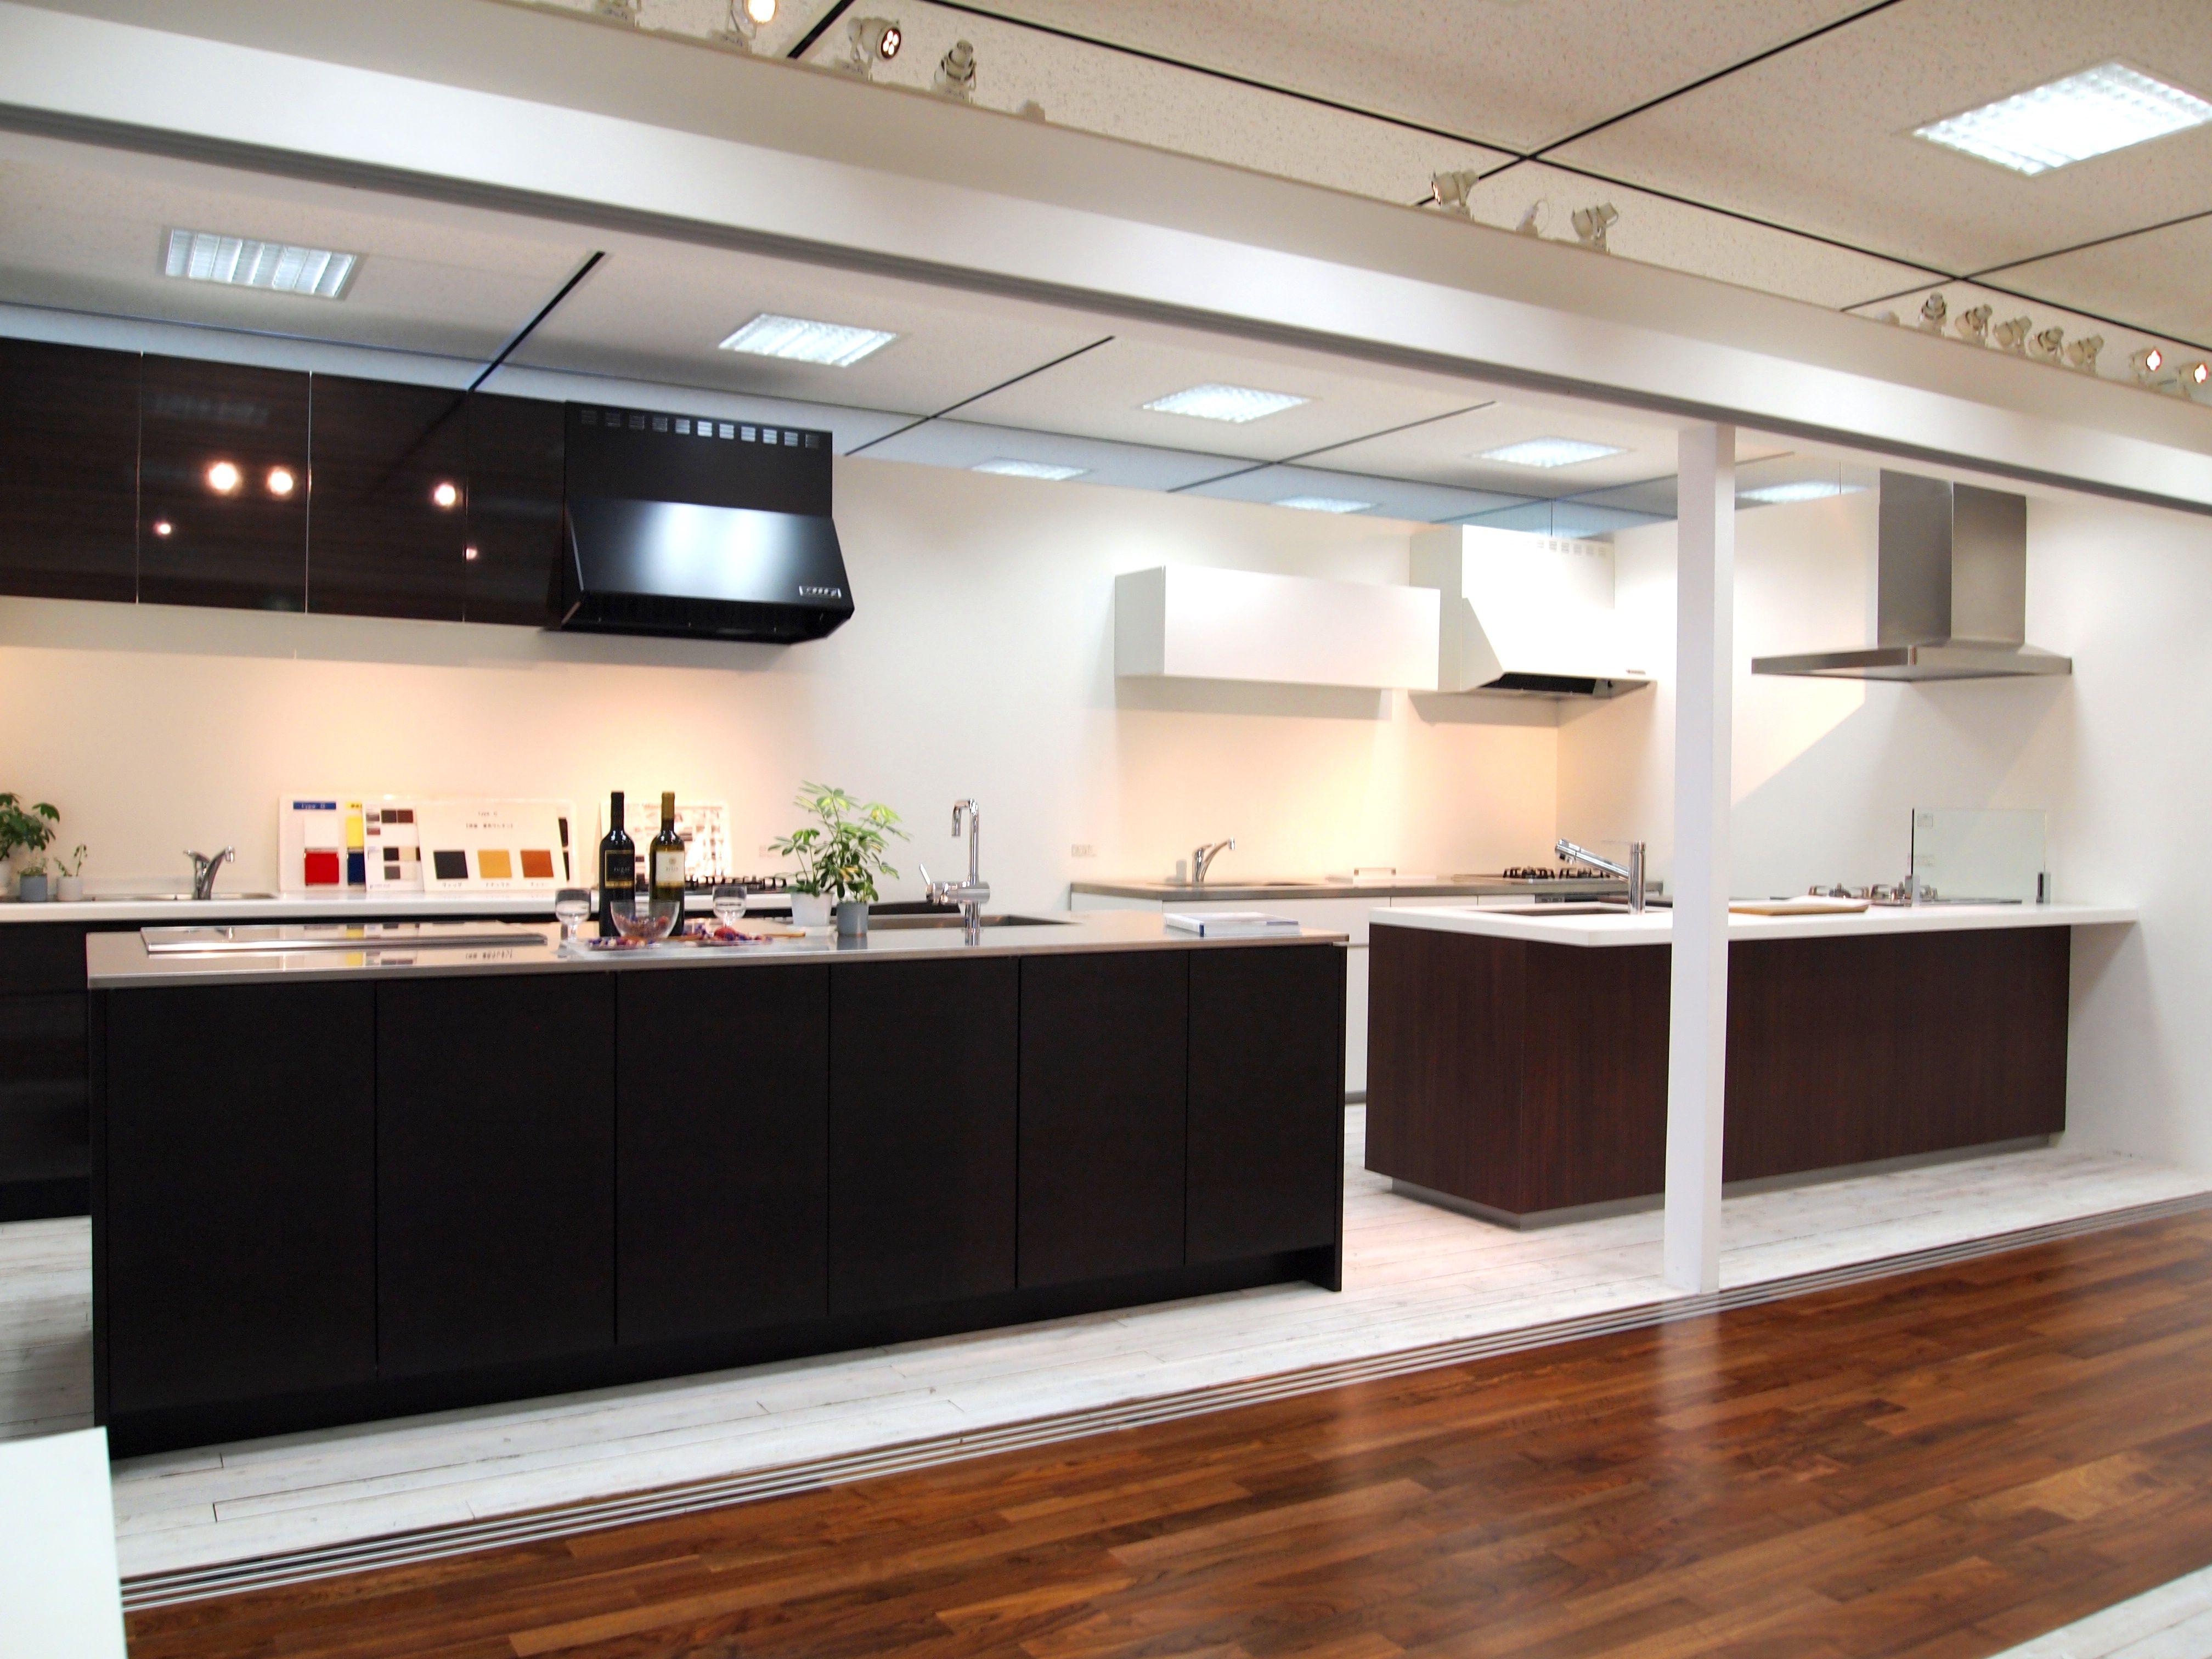 システムズ ヤジマと東京組が共同開発したオリジナルキッチン I型